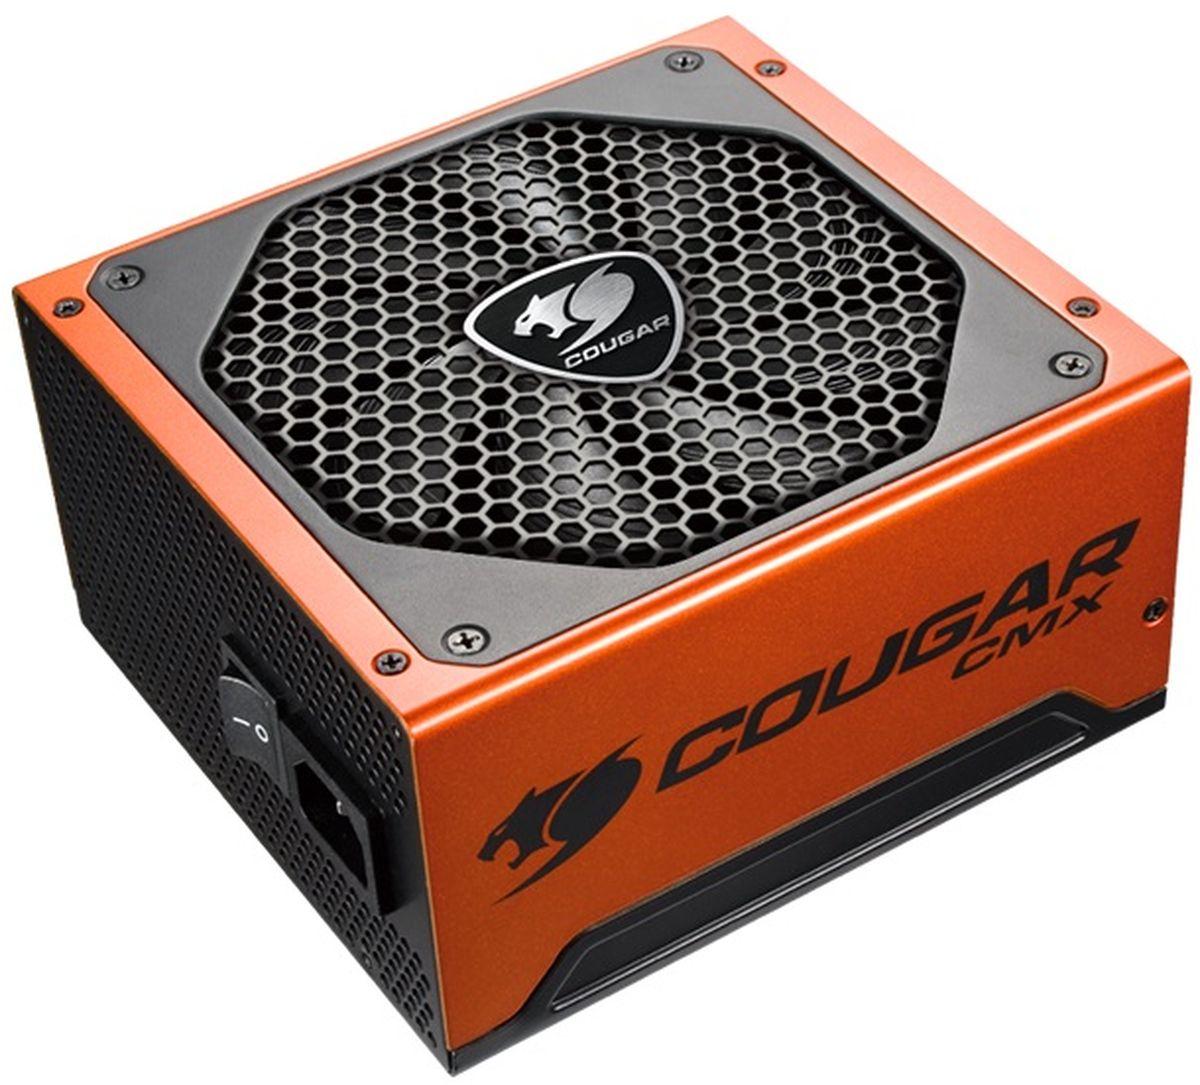 Cougar CMX 550 блок питания для компьютераCUCMX550Блоки питания Cougar CMX 550 с форм-фактором ATX оснащены активной системой охлаждения –140-миллиметровый кулер обеспечивает стабильную, долговременную работоспособность блока питания.Блок питания Cougar CMX 550 имеет активный PFC, который необходим для выполнения коррекции фактора защиты. Он оборудованы защитой от перенапряжения, перегрузки, а также короткого замыкания. Основной слот прибора – 20+4-пиновый, гнездо питания видеокарты 2х6+2-пиновое, а у процессора разъем 1х4+4-пиновый. Разработан в фирменном оранжевом цвете, что эффектно выглядит в корпусах с боковым окном. Как собрать игровой компьютер. Статья OZON Гид